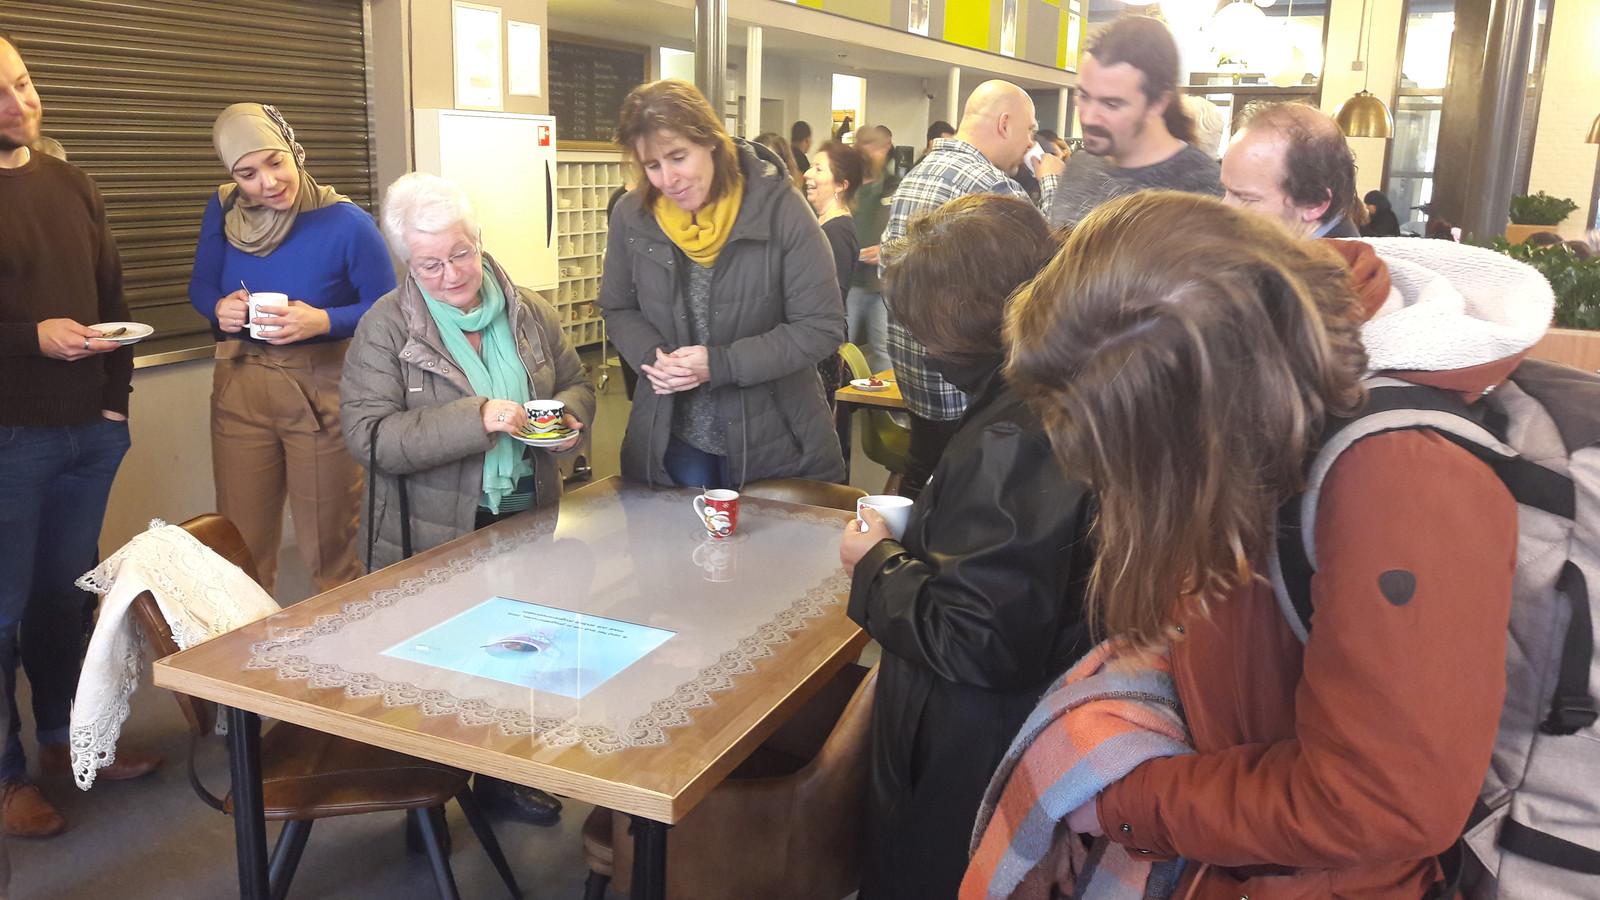 In wijkcentrum Het Kruispunt staat een tafel waaraan bewoners een interactief bakje koffie kunnen drinken. Het project is van kunstenaarscollectief Tilburg Cowboys.